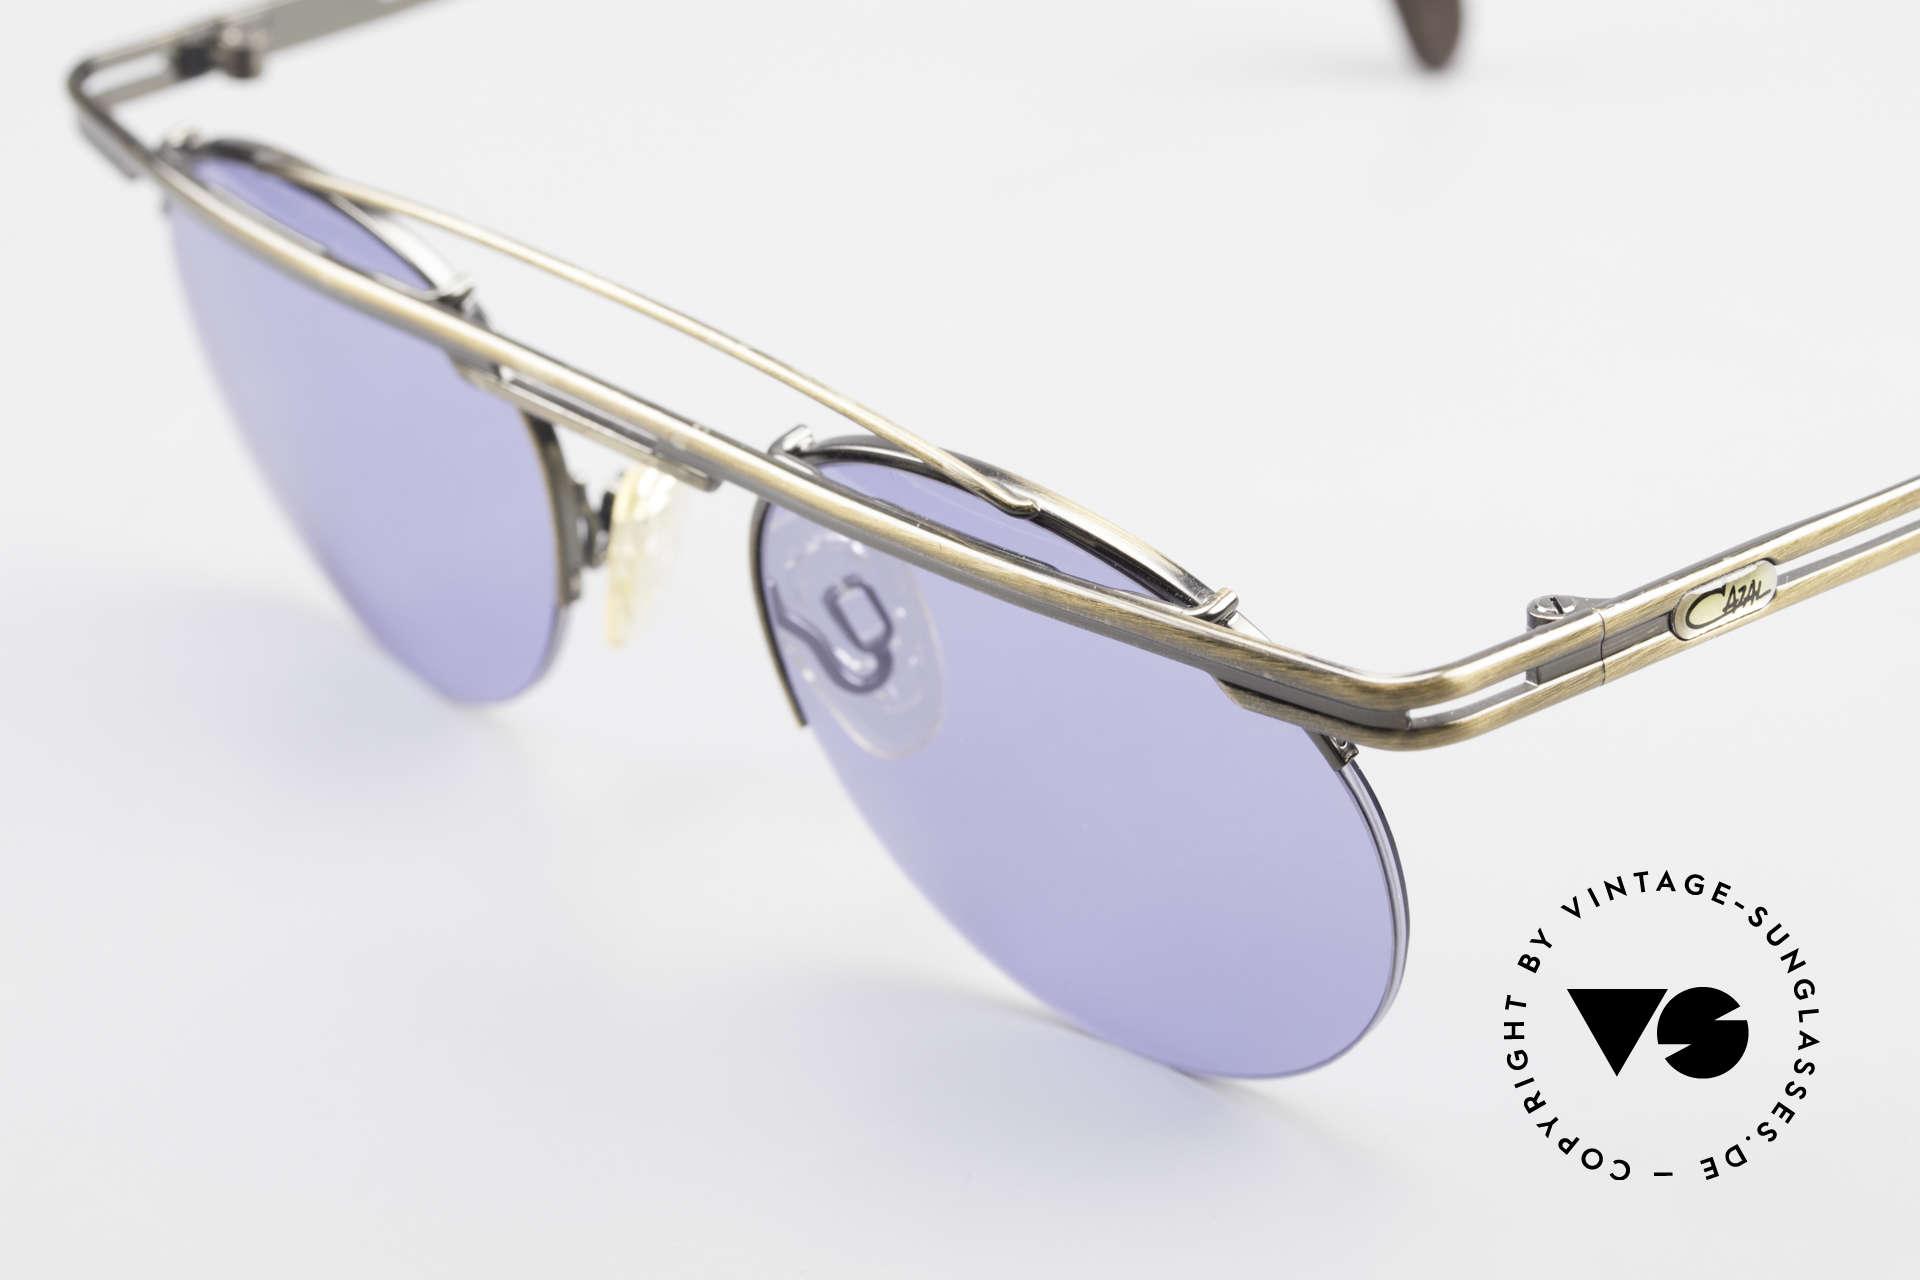 Cazal 748 Alte 90er Vintage Sonnenbrille, fühlbare Top-Qualität und Komfort (made in Germany), Passend für Herren und Damen